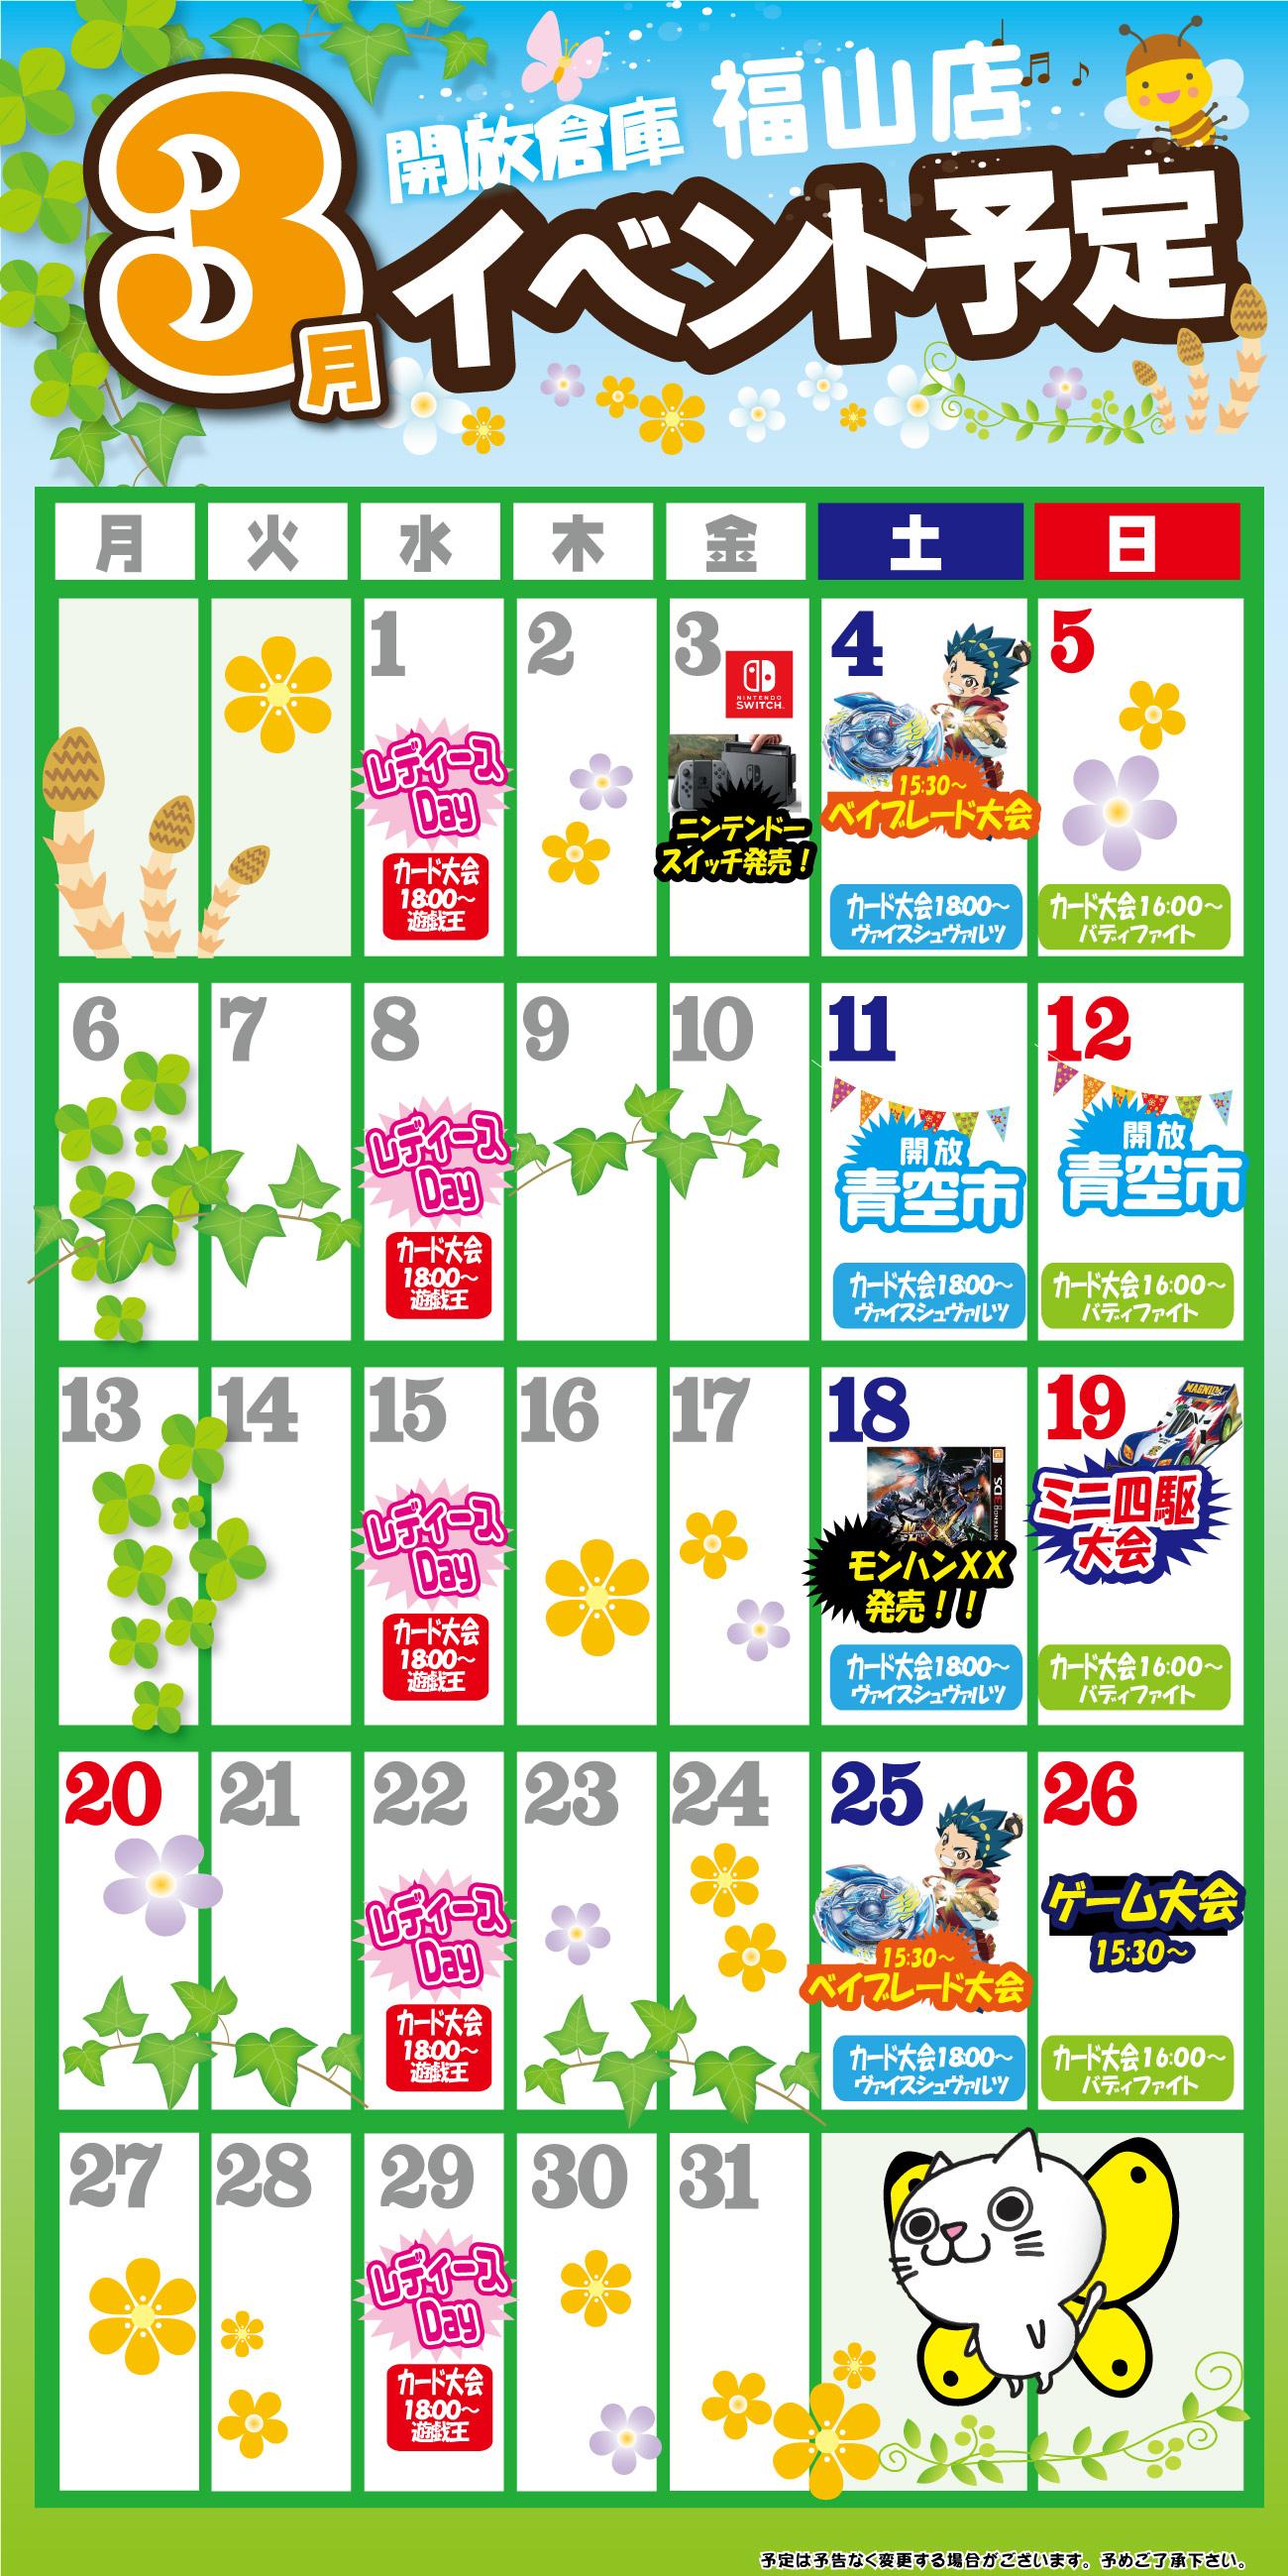 「開放倉庫福山店」2017年3月のイベントカレンダーを更新しました!